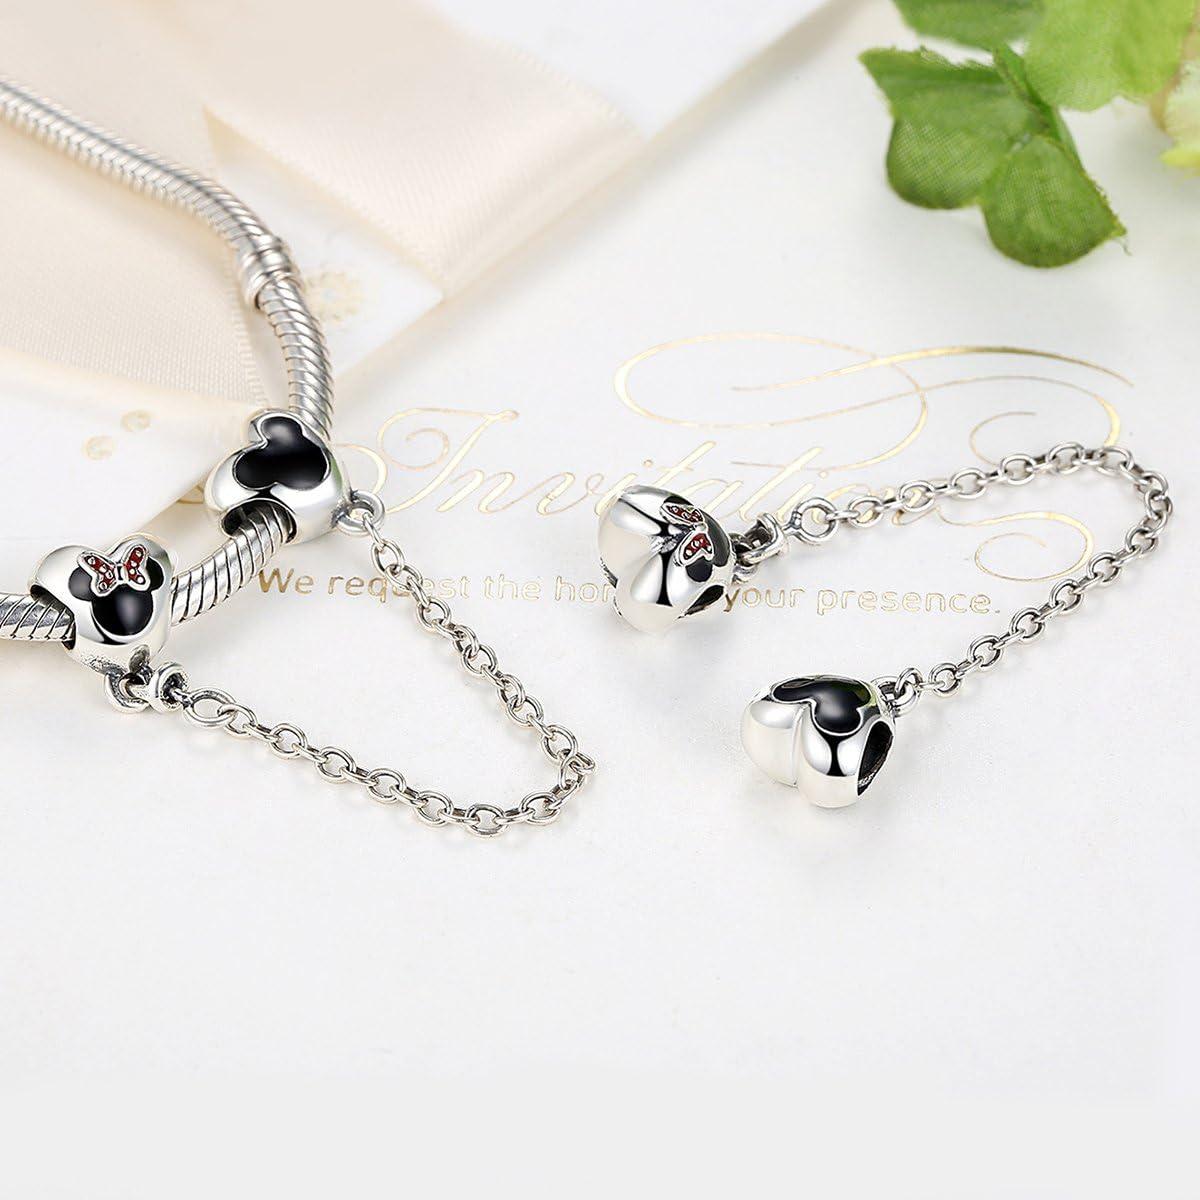 Cartisha Cha/îne de confort Souris en argent sterling Compatible avec bracelets /à breloques europ/éens comme